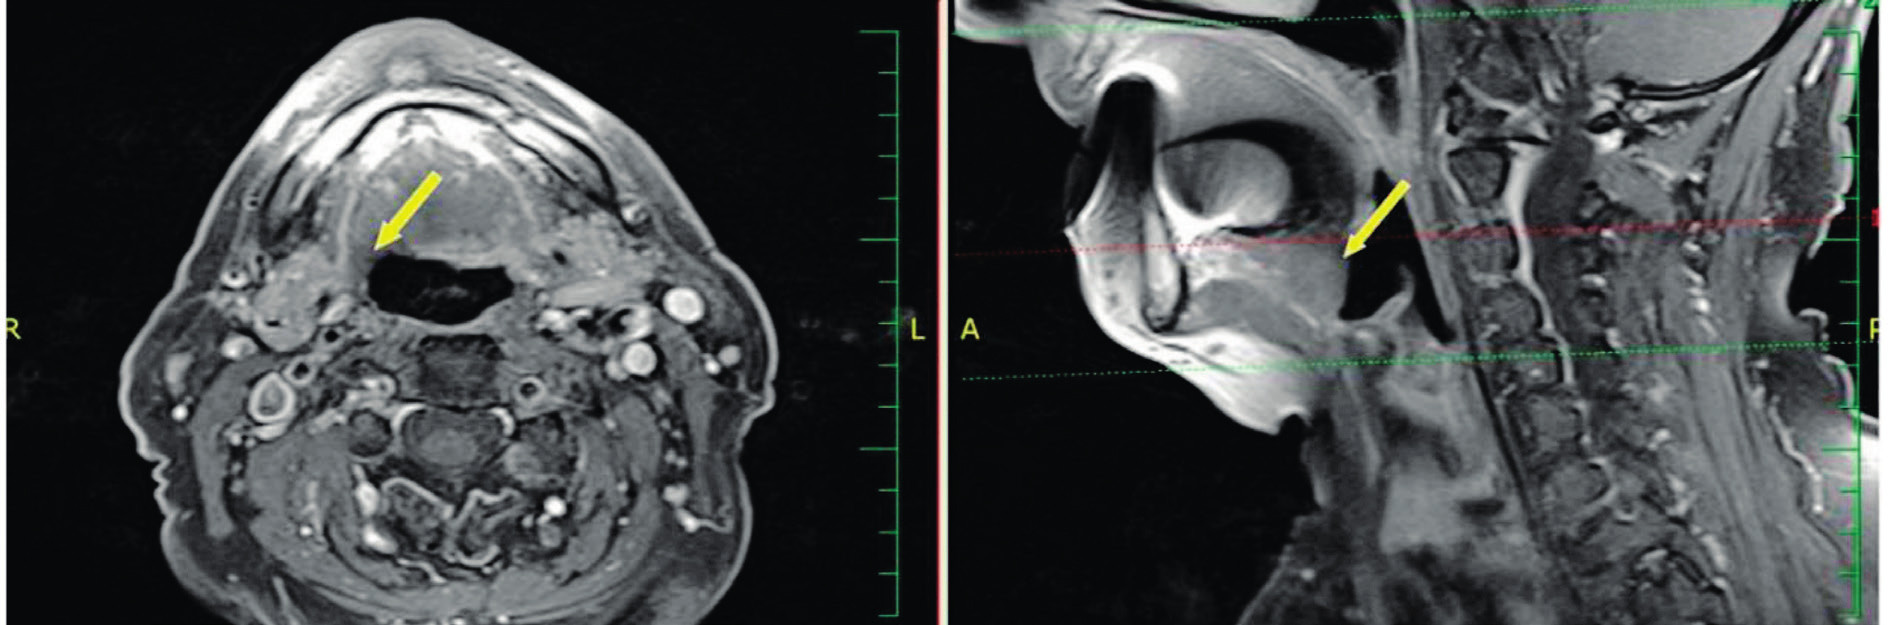 Oba snímky MR T1 s potlačením signálu tuku postkontrastně - šipka ukazuje na oblast kořene jazyka 1 rok po TORS.